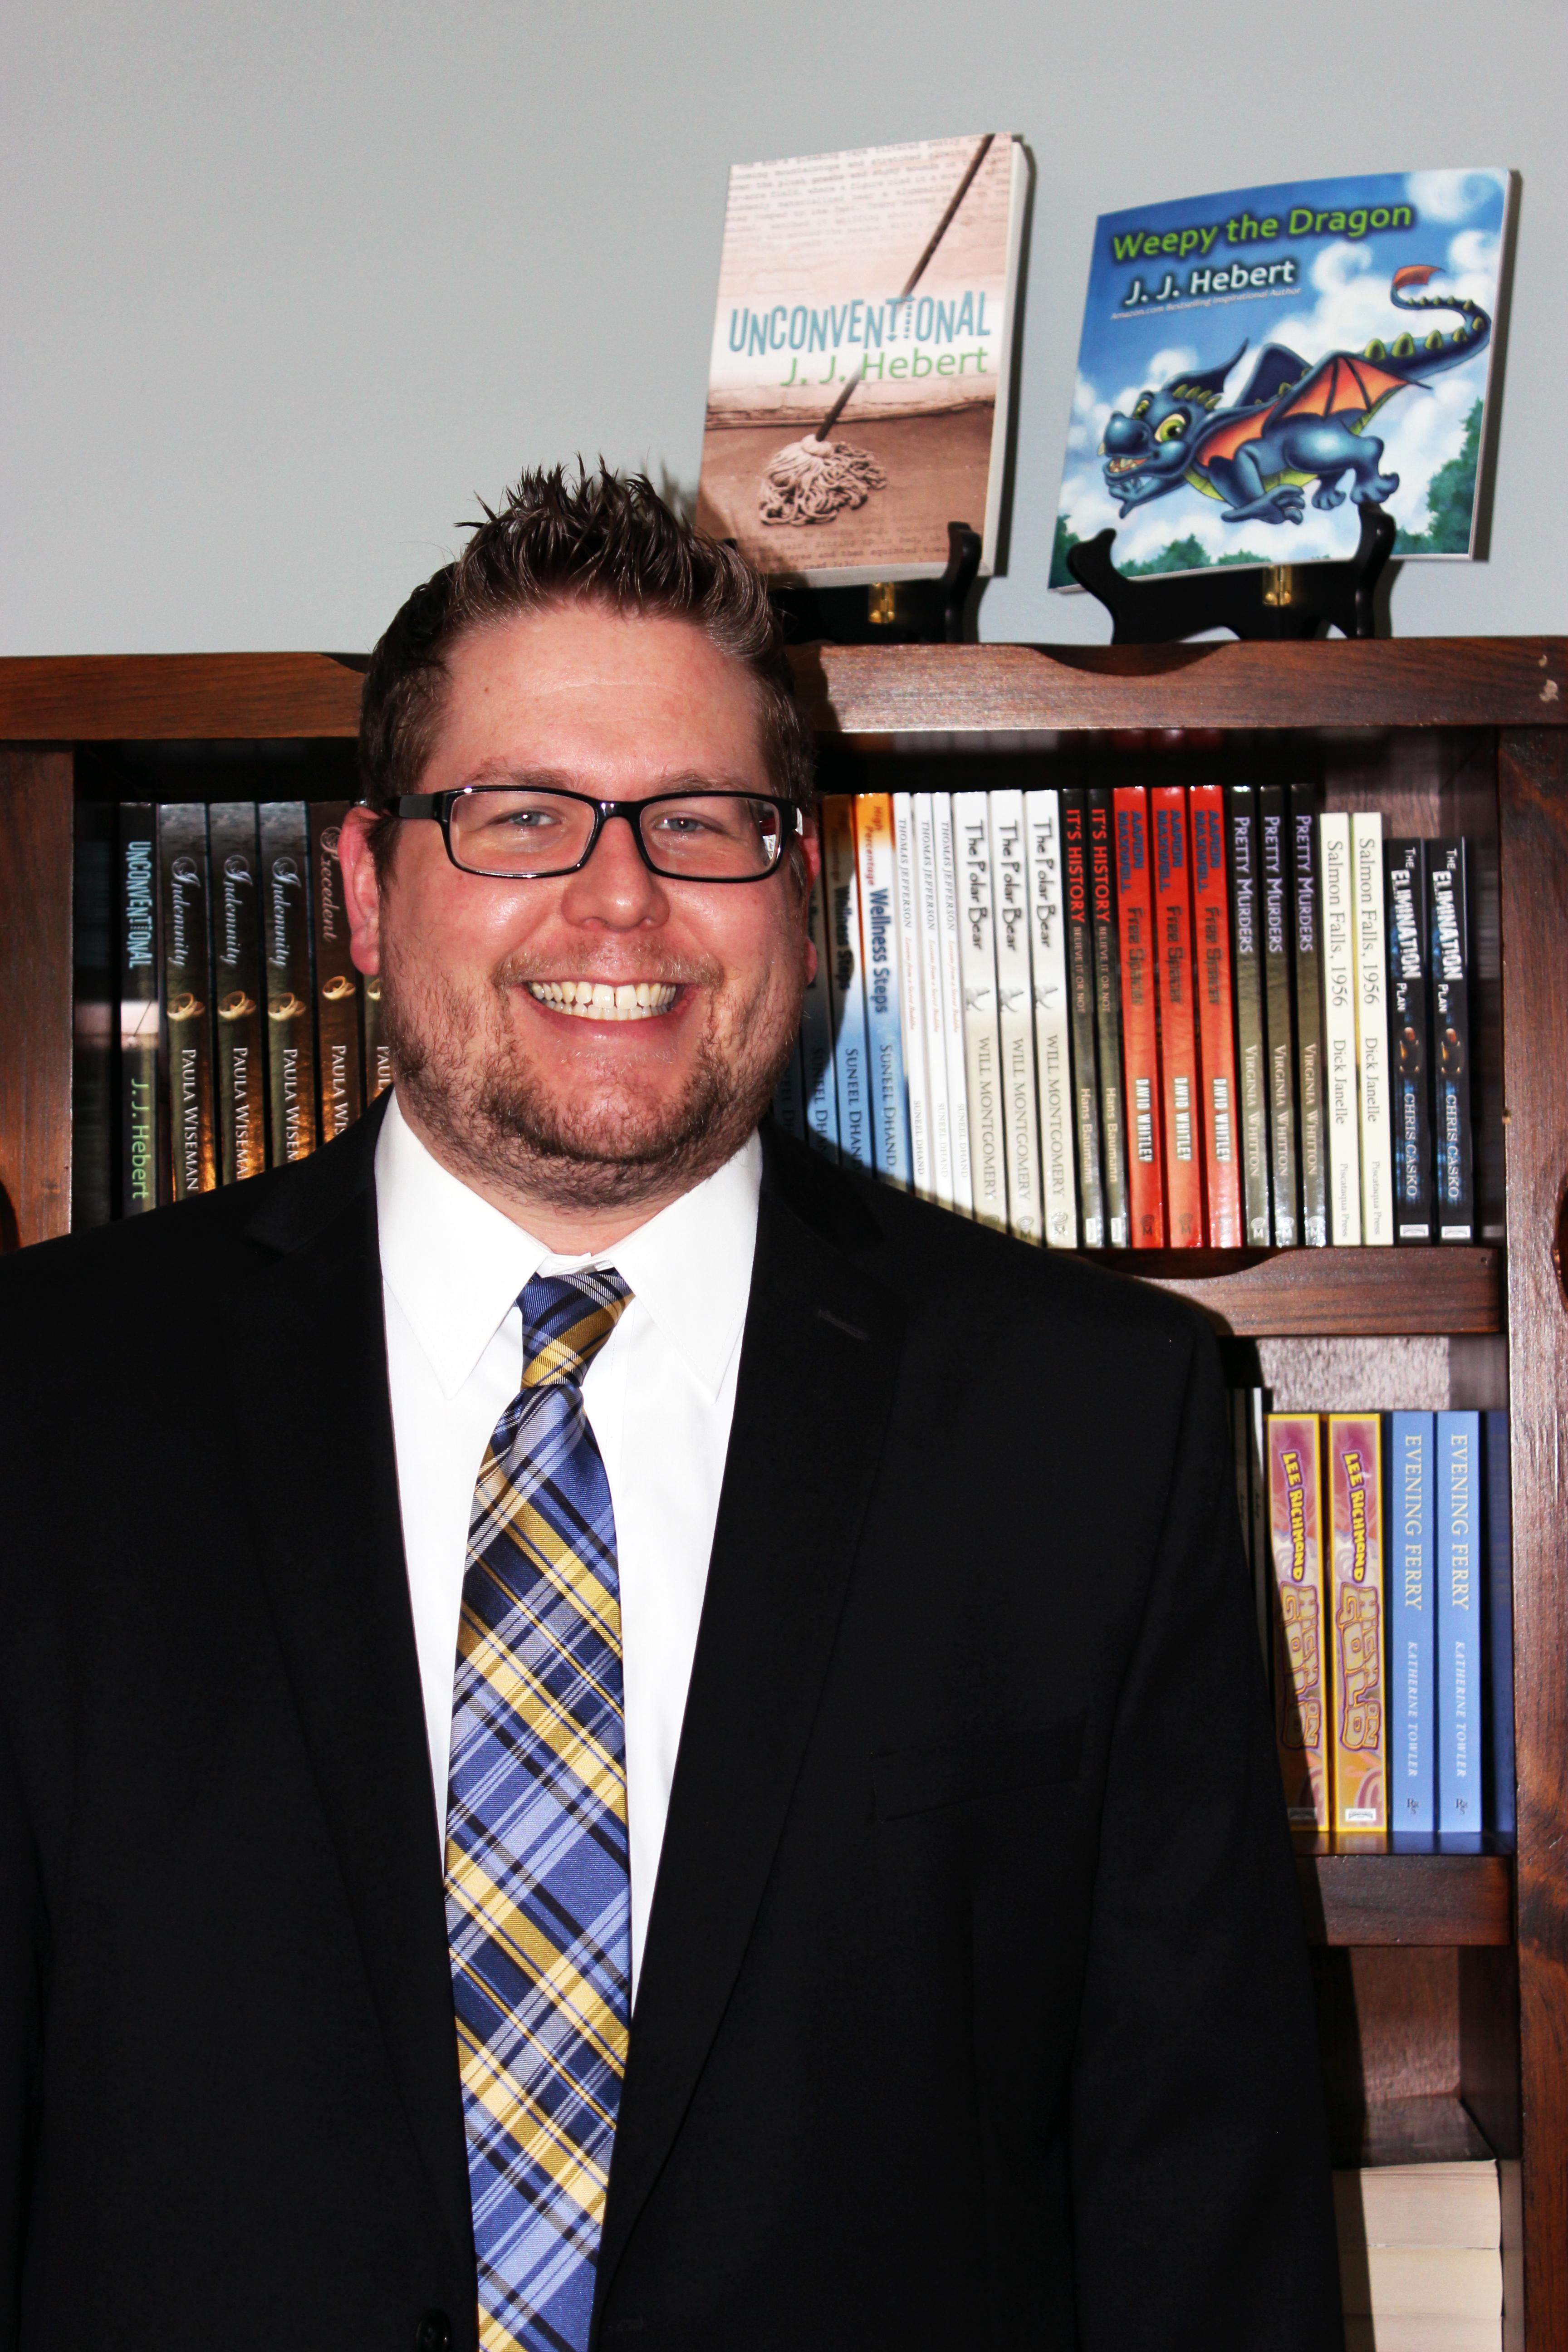 Author & MindStir Media president JJ Hebert